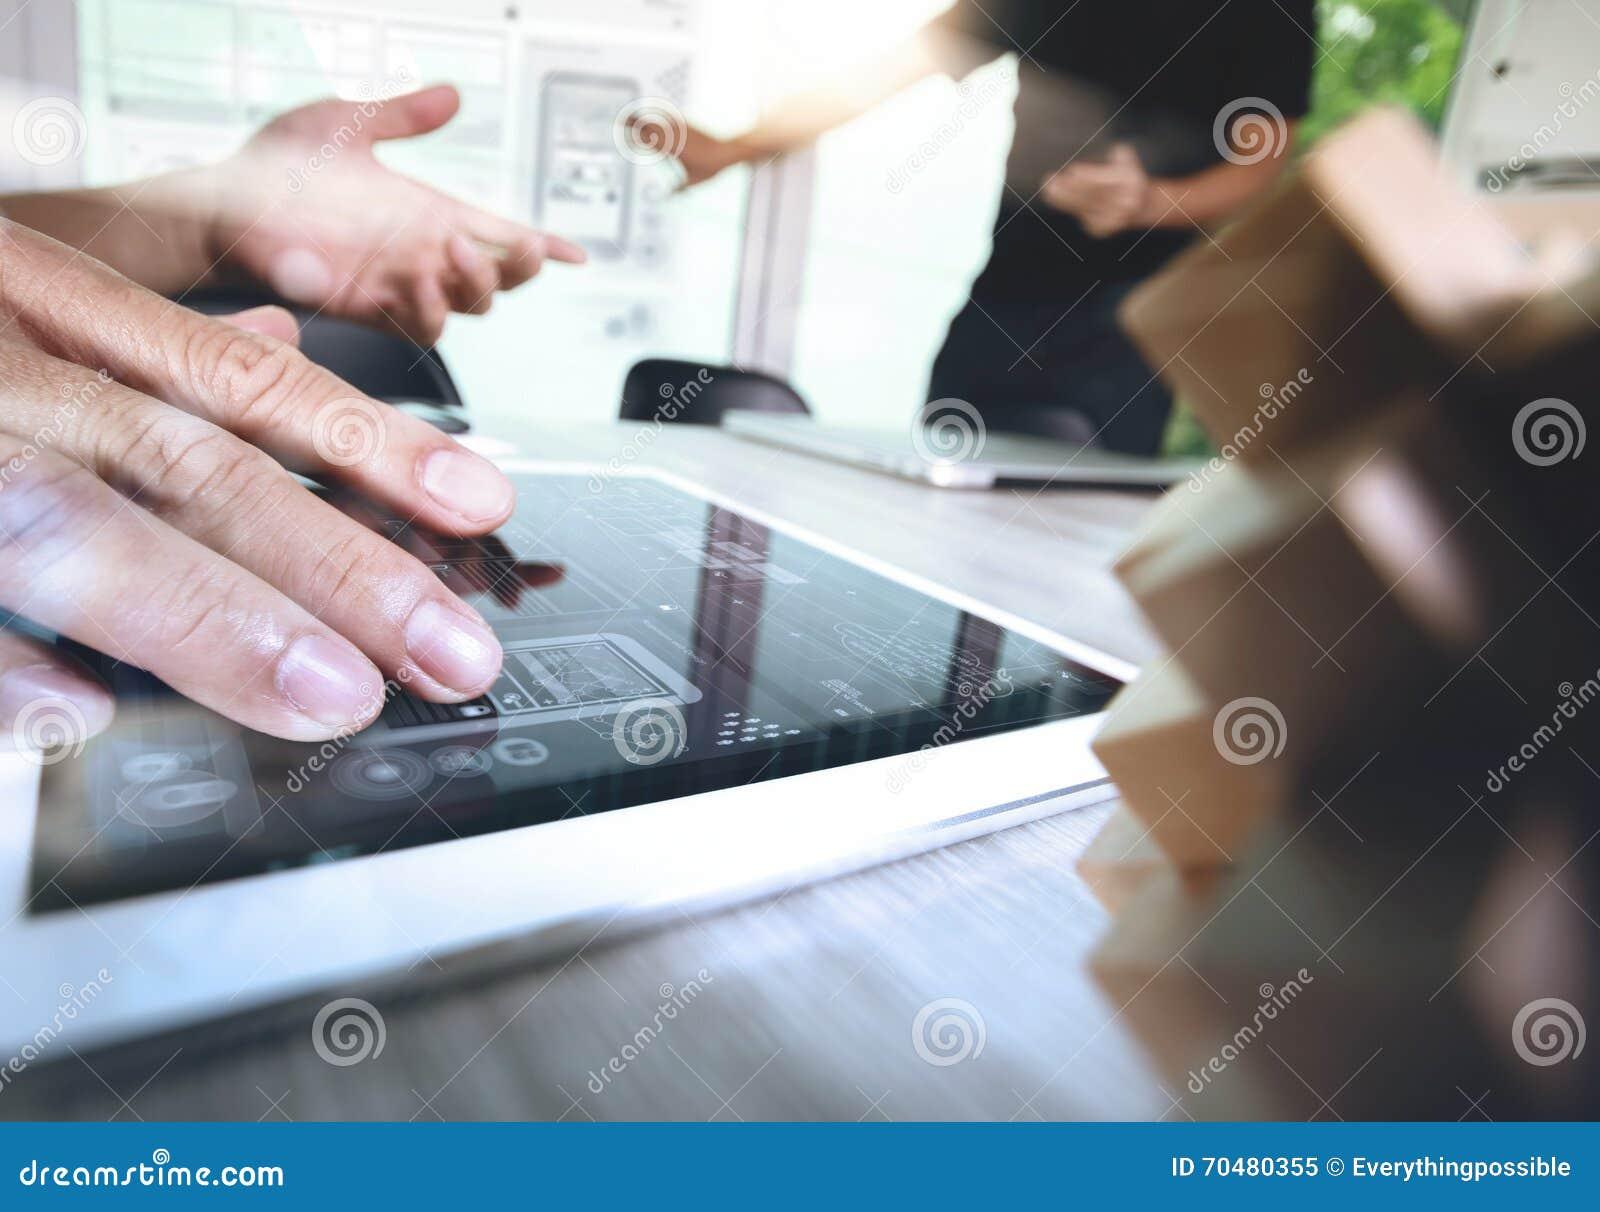 die kreative hand, die digitale tablette bearbeiten und das holz